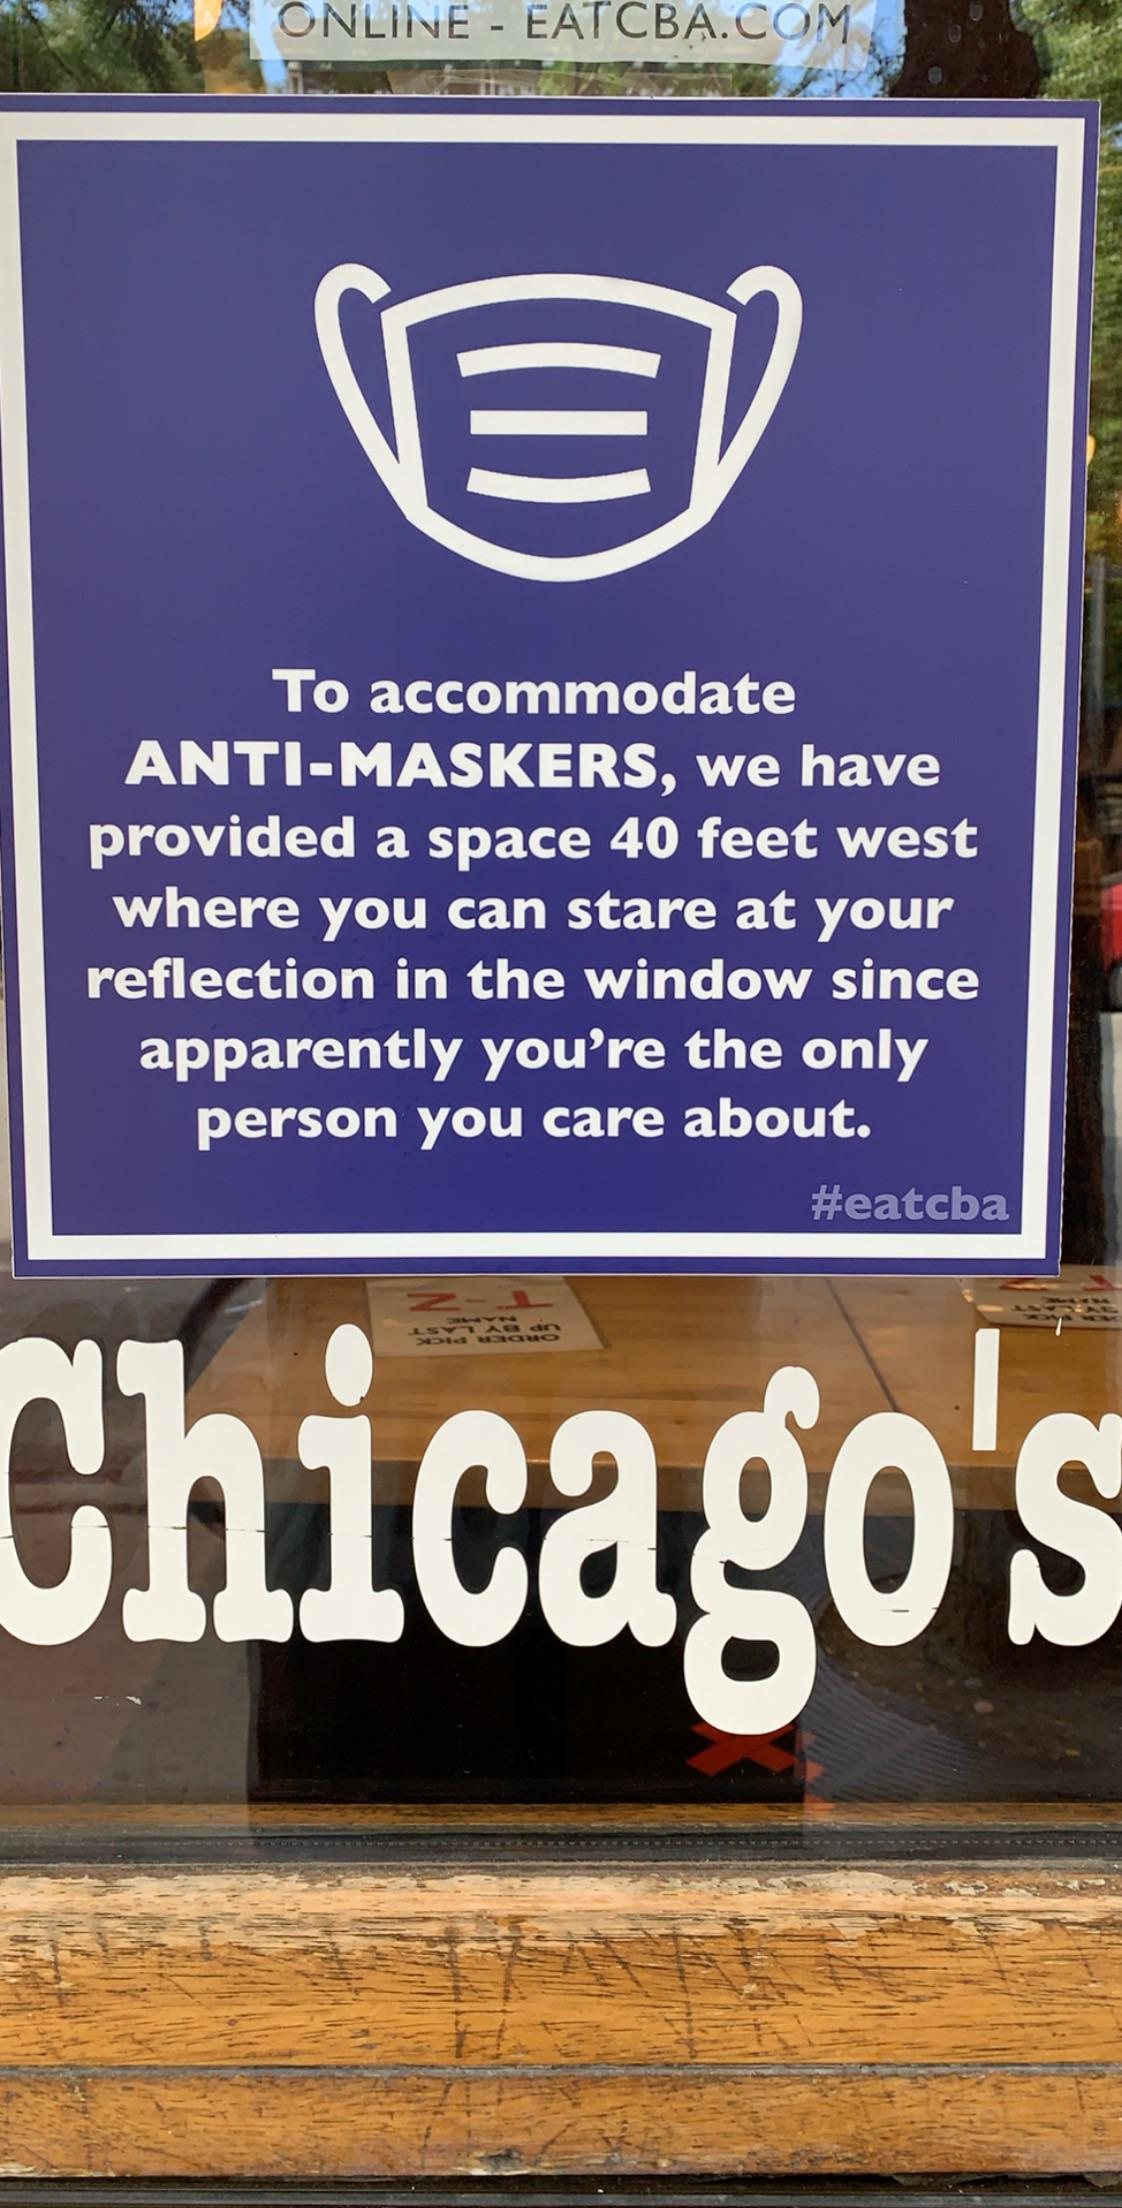 To accommodate Anti-Maskers